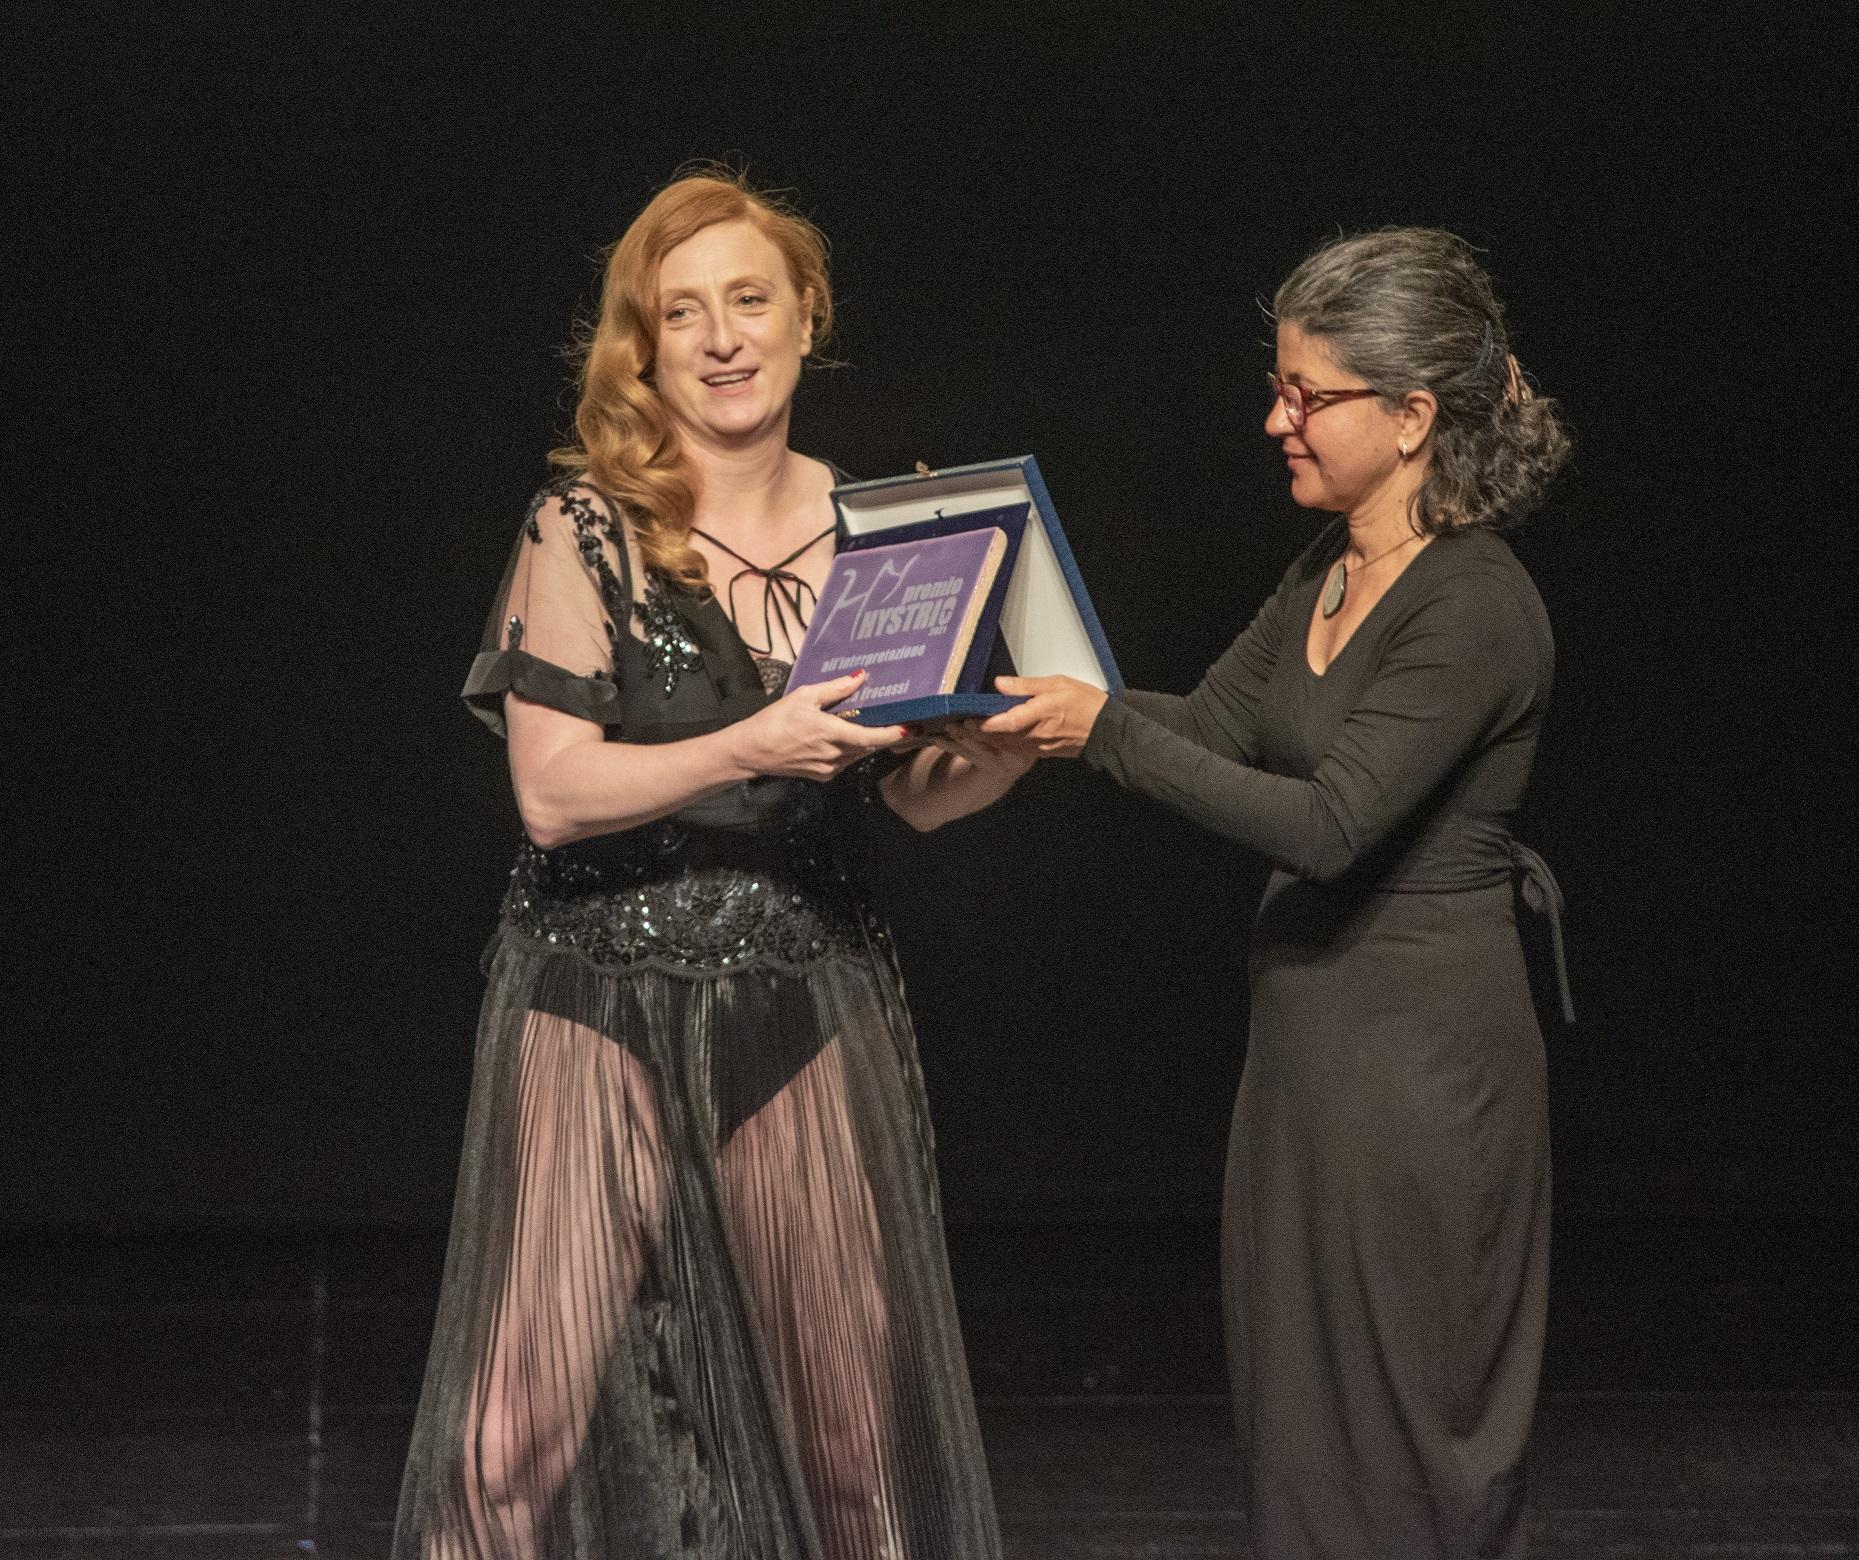 Premio Hystrio 2021 alla interpretazione, Federica Fracassi (foto Gabriele Lopez)